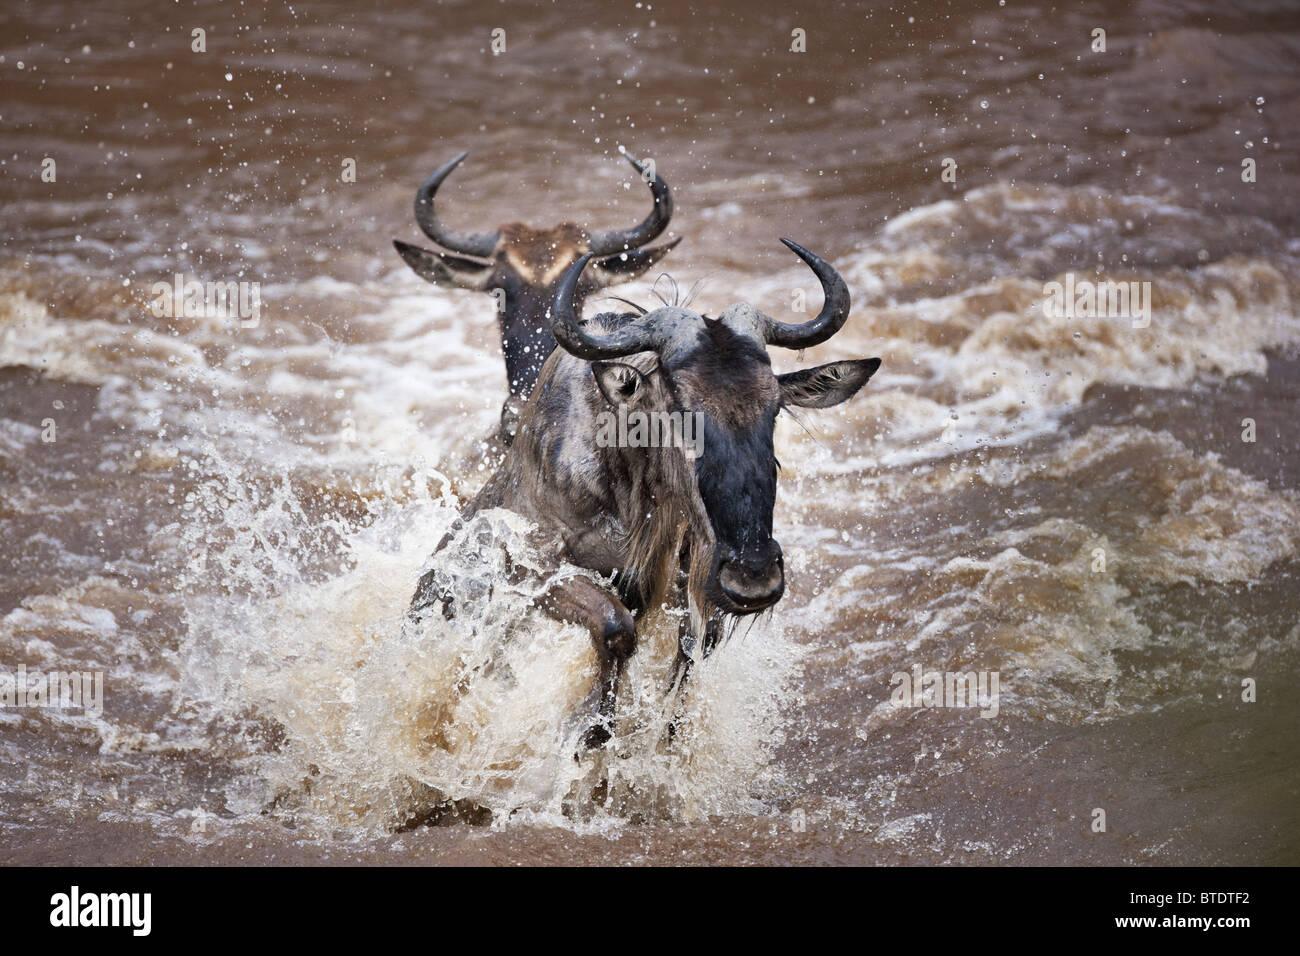 Wanderung der Gnus durchqueren die Mara River.Masai Mara Nationalreservat. Kenia Stockfoto